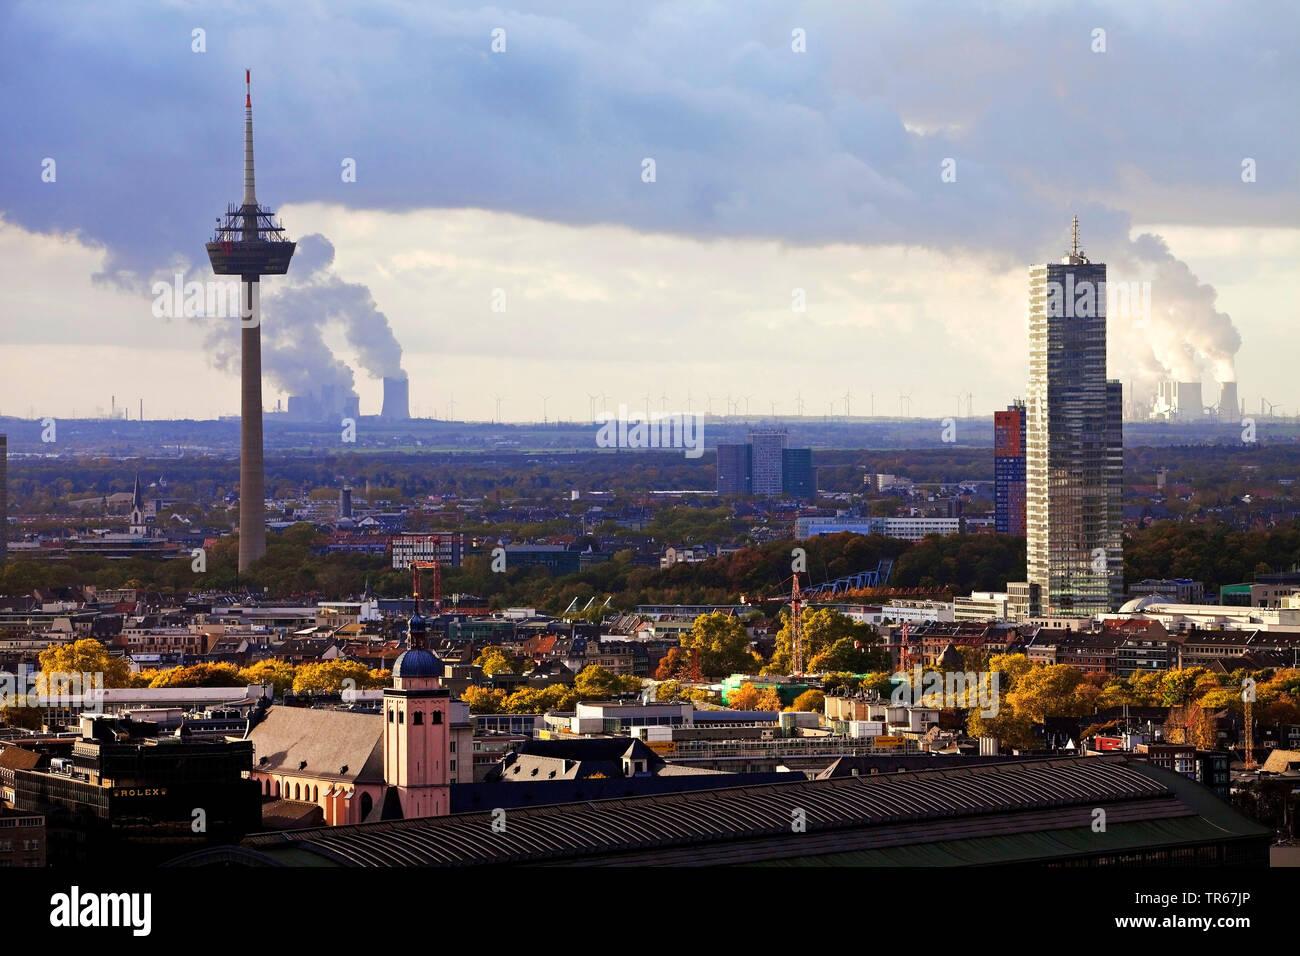 Stadtansicht mit Fernsehturm und Koelnturm mit Kuehlturmschwaden und Braunkohlenkraftwerken im Hintergrund, Deutschland, Nordrhein-Westfalen, Rheinlan - Stock Image